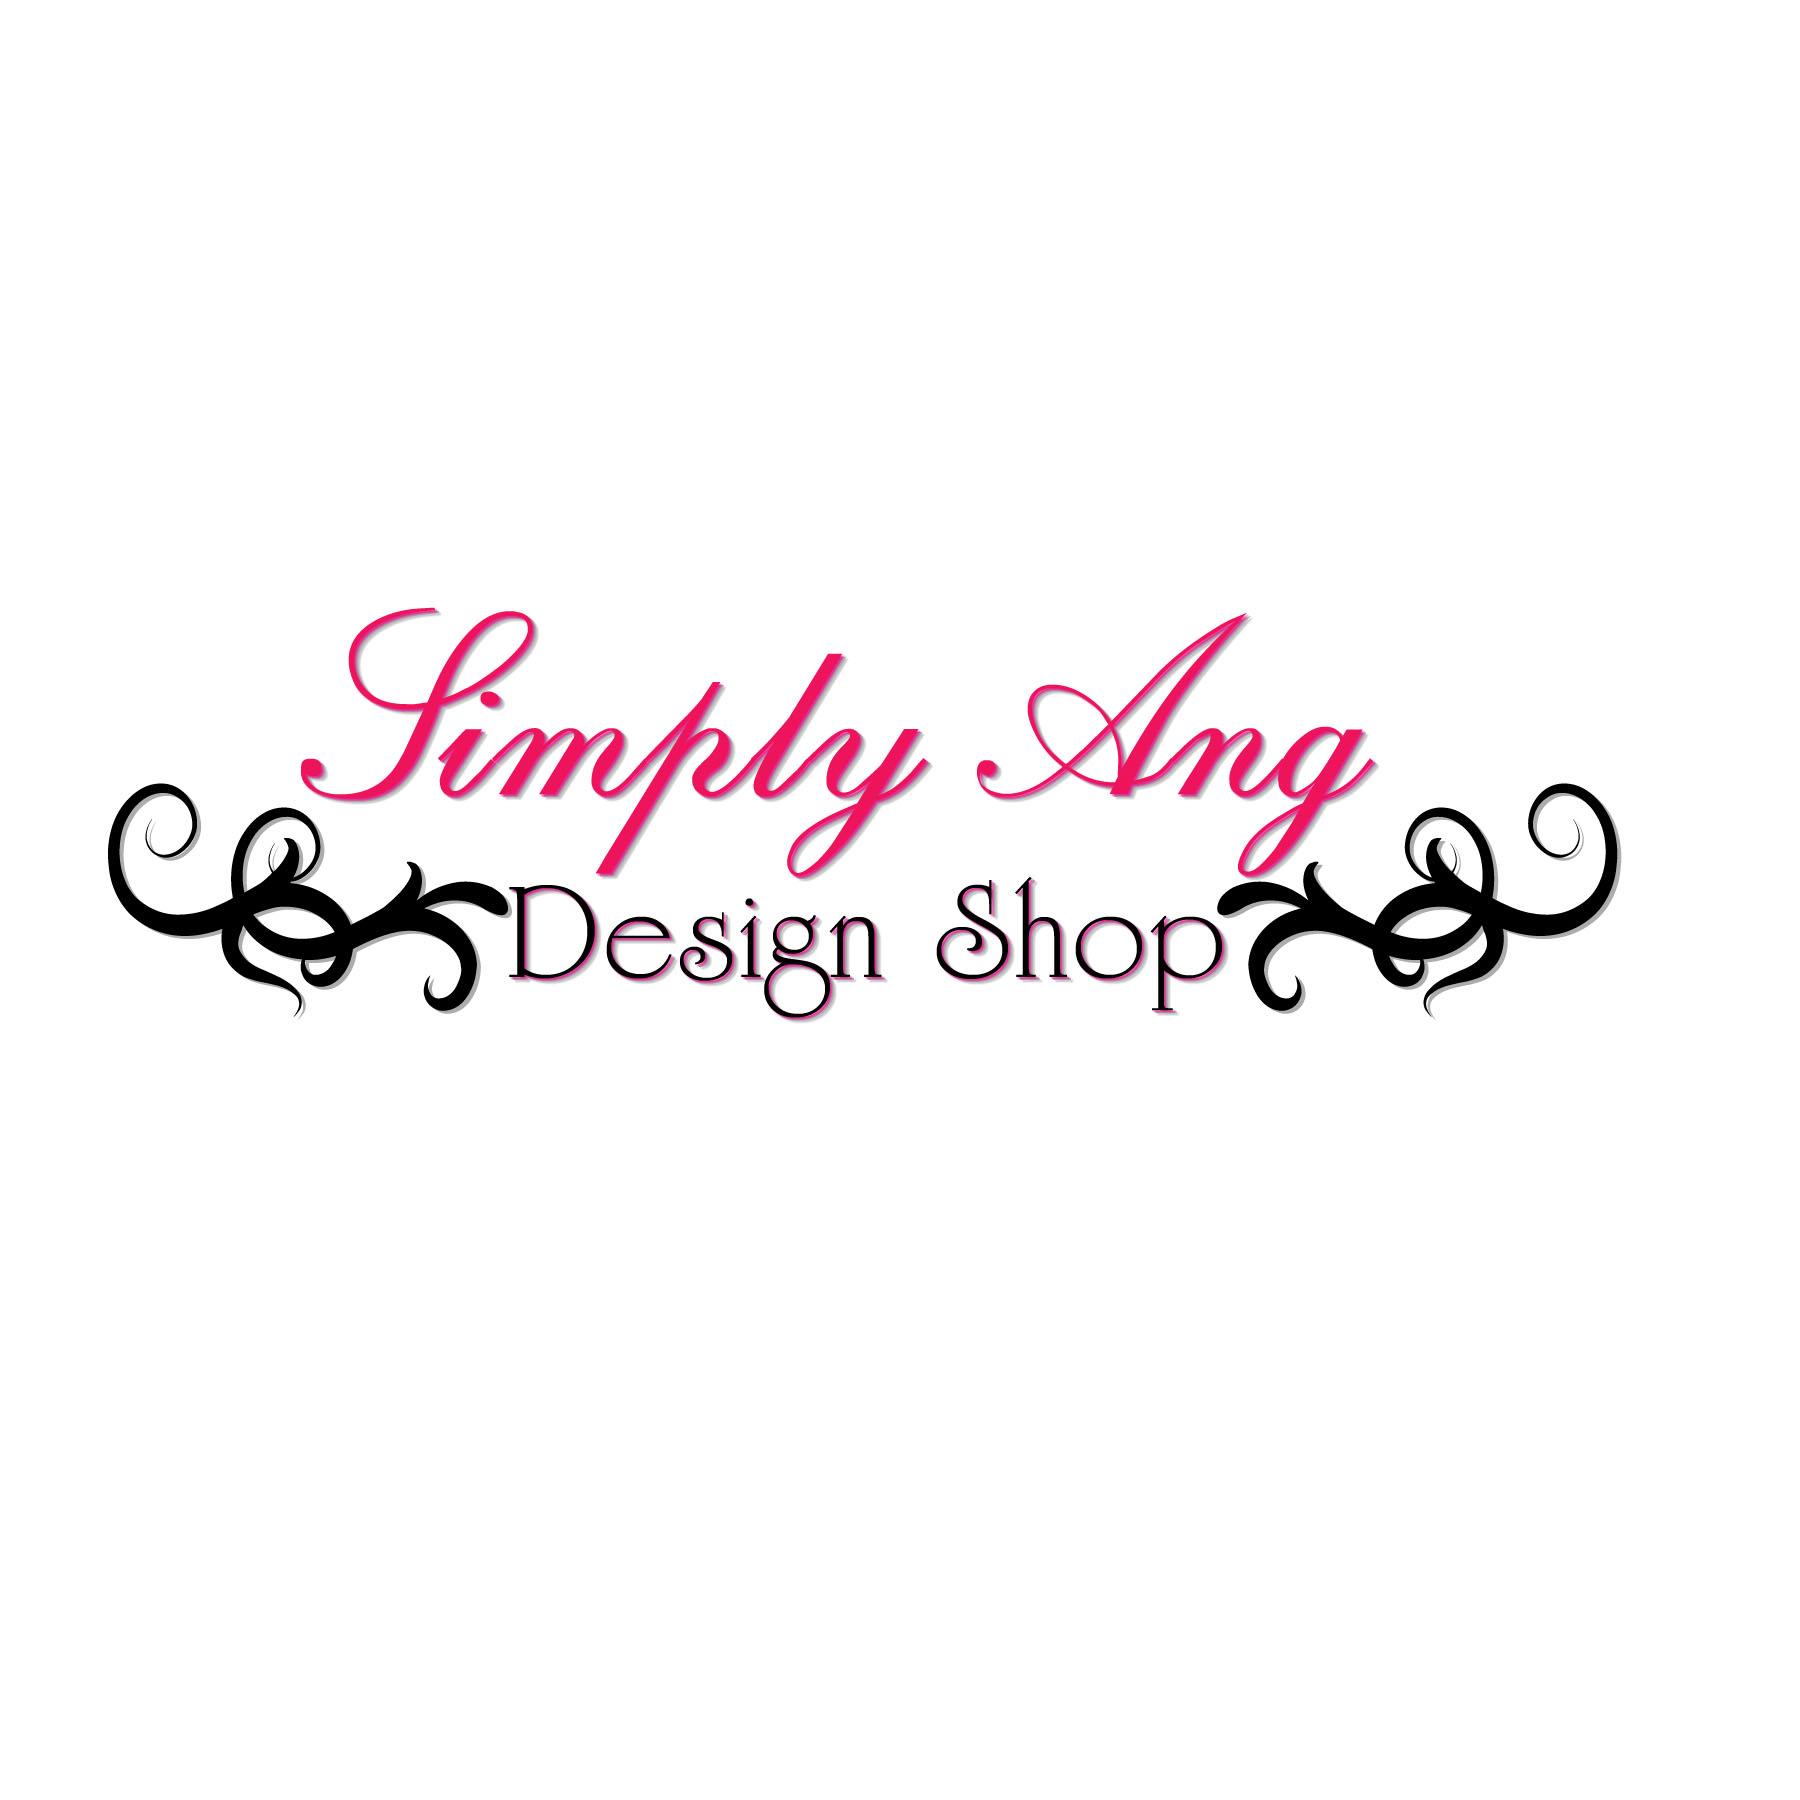 boutique logo5.jpg